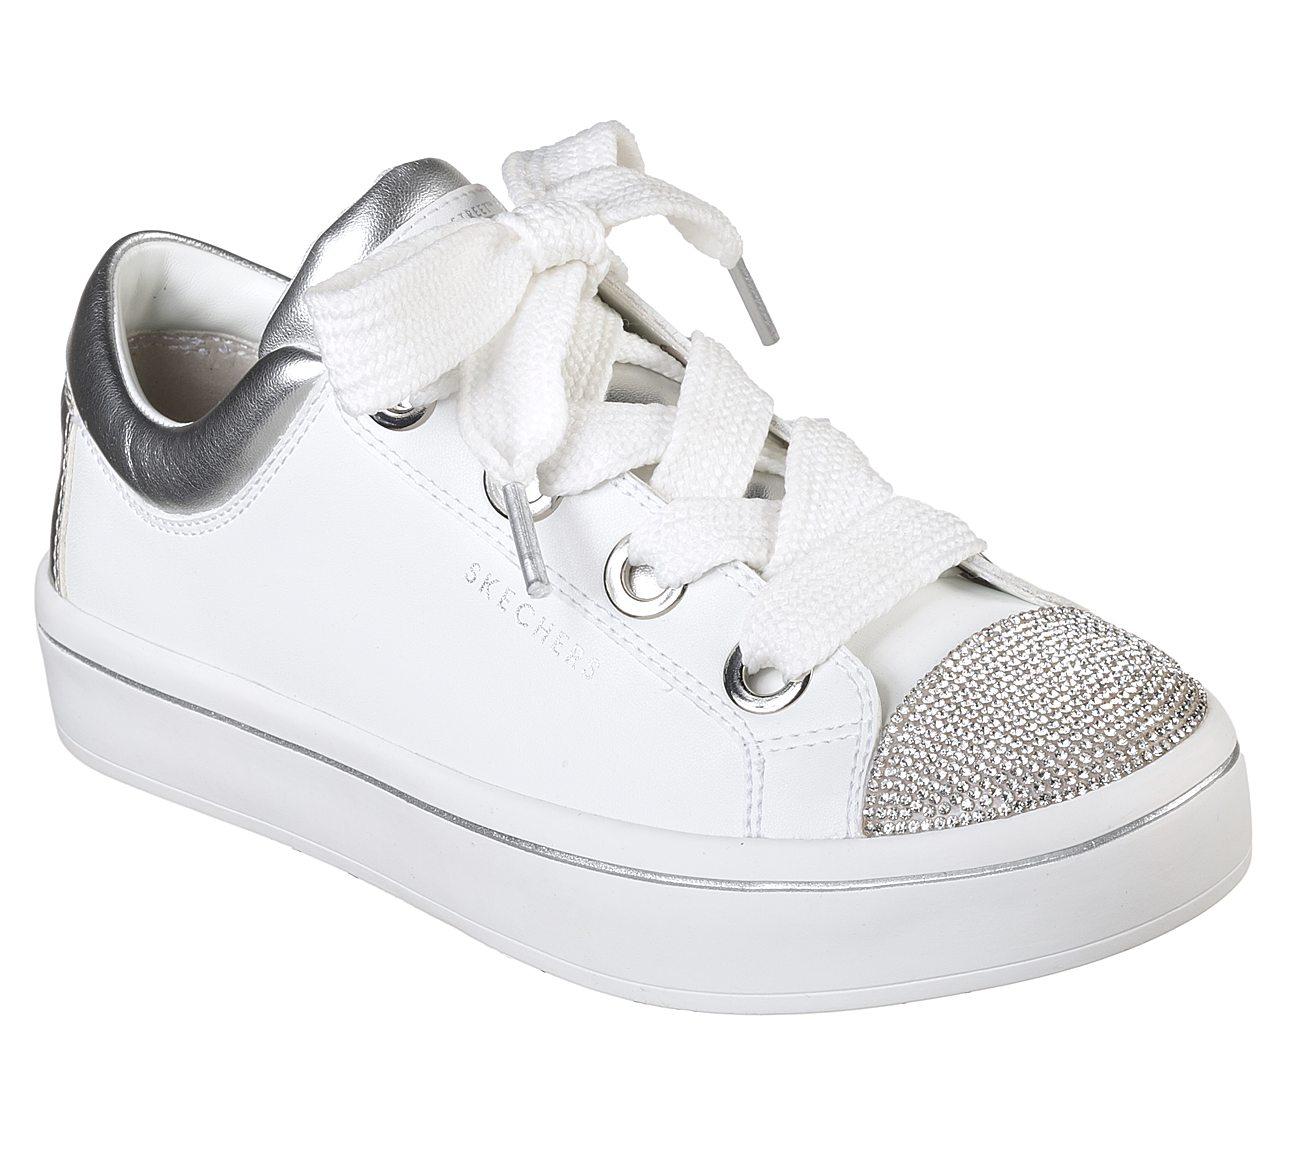 美国代购skechers斯凯奇2018新款女鞋舒适系带街拍时尚板鞋978